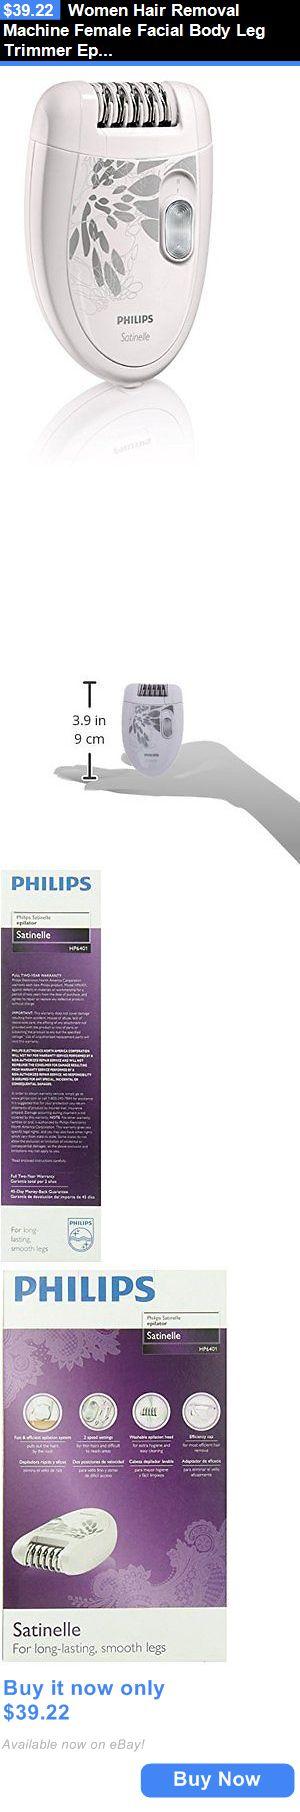 silk epil machine